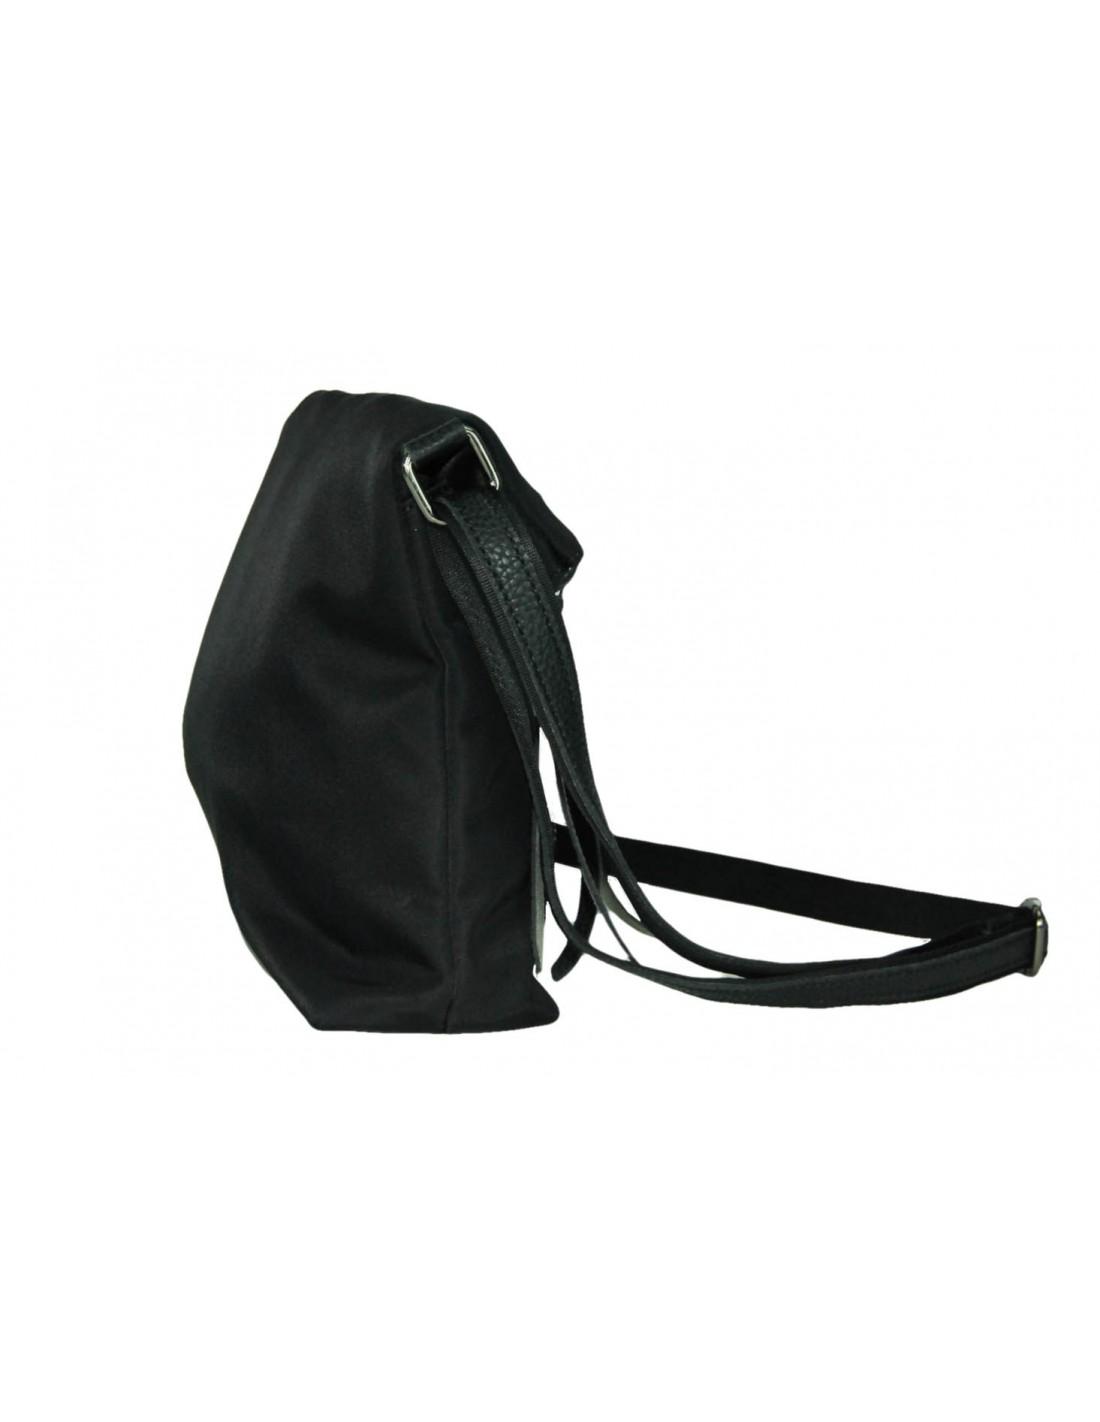 Borsa in nylon nero con accessori in canna di fucile chiusura con zip e tracolla regolabile 31x25x10 UNY05_64051 2/UNY05_64051